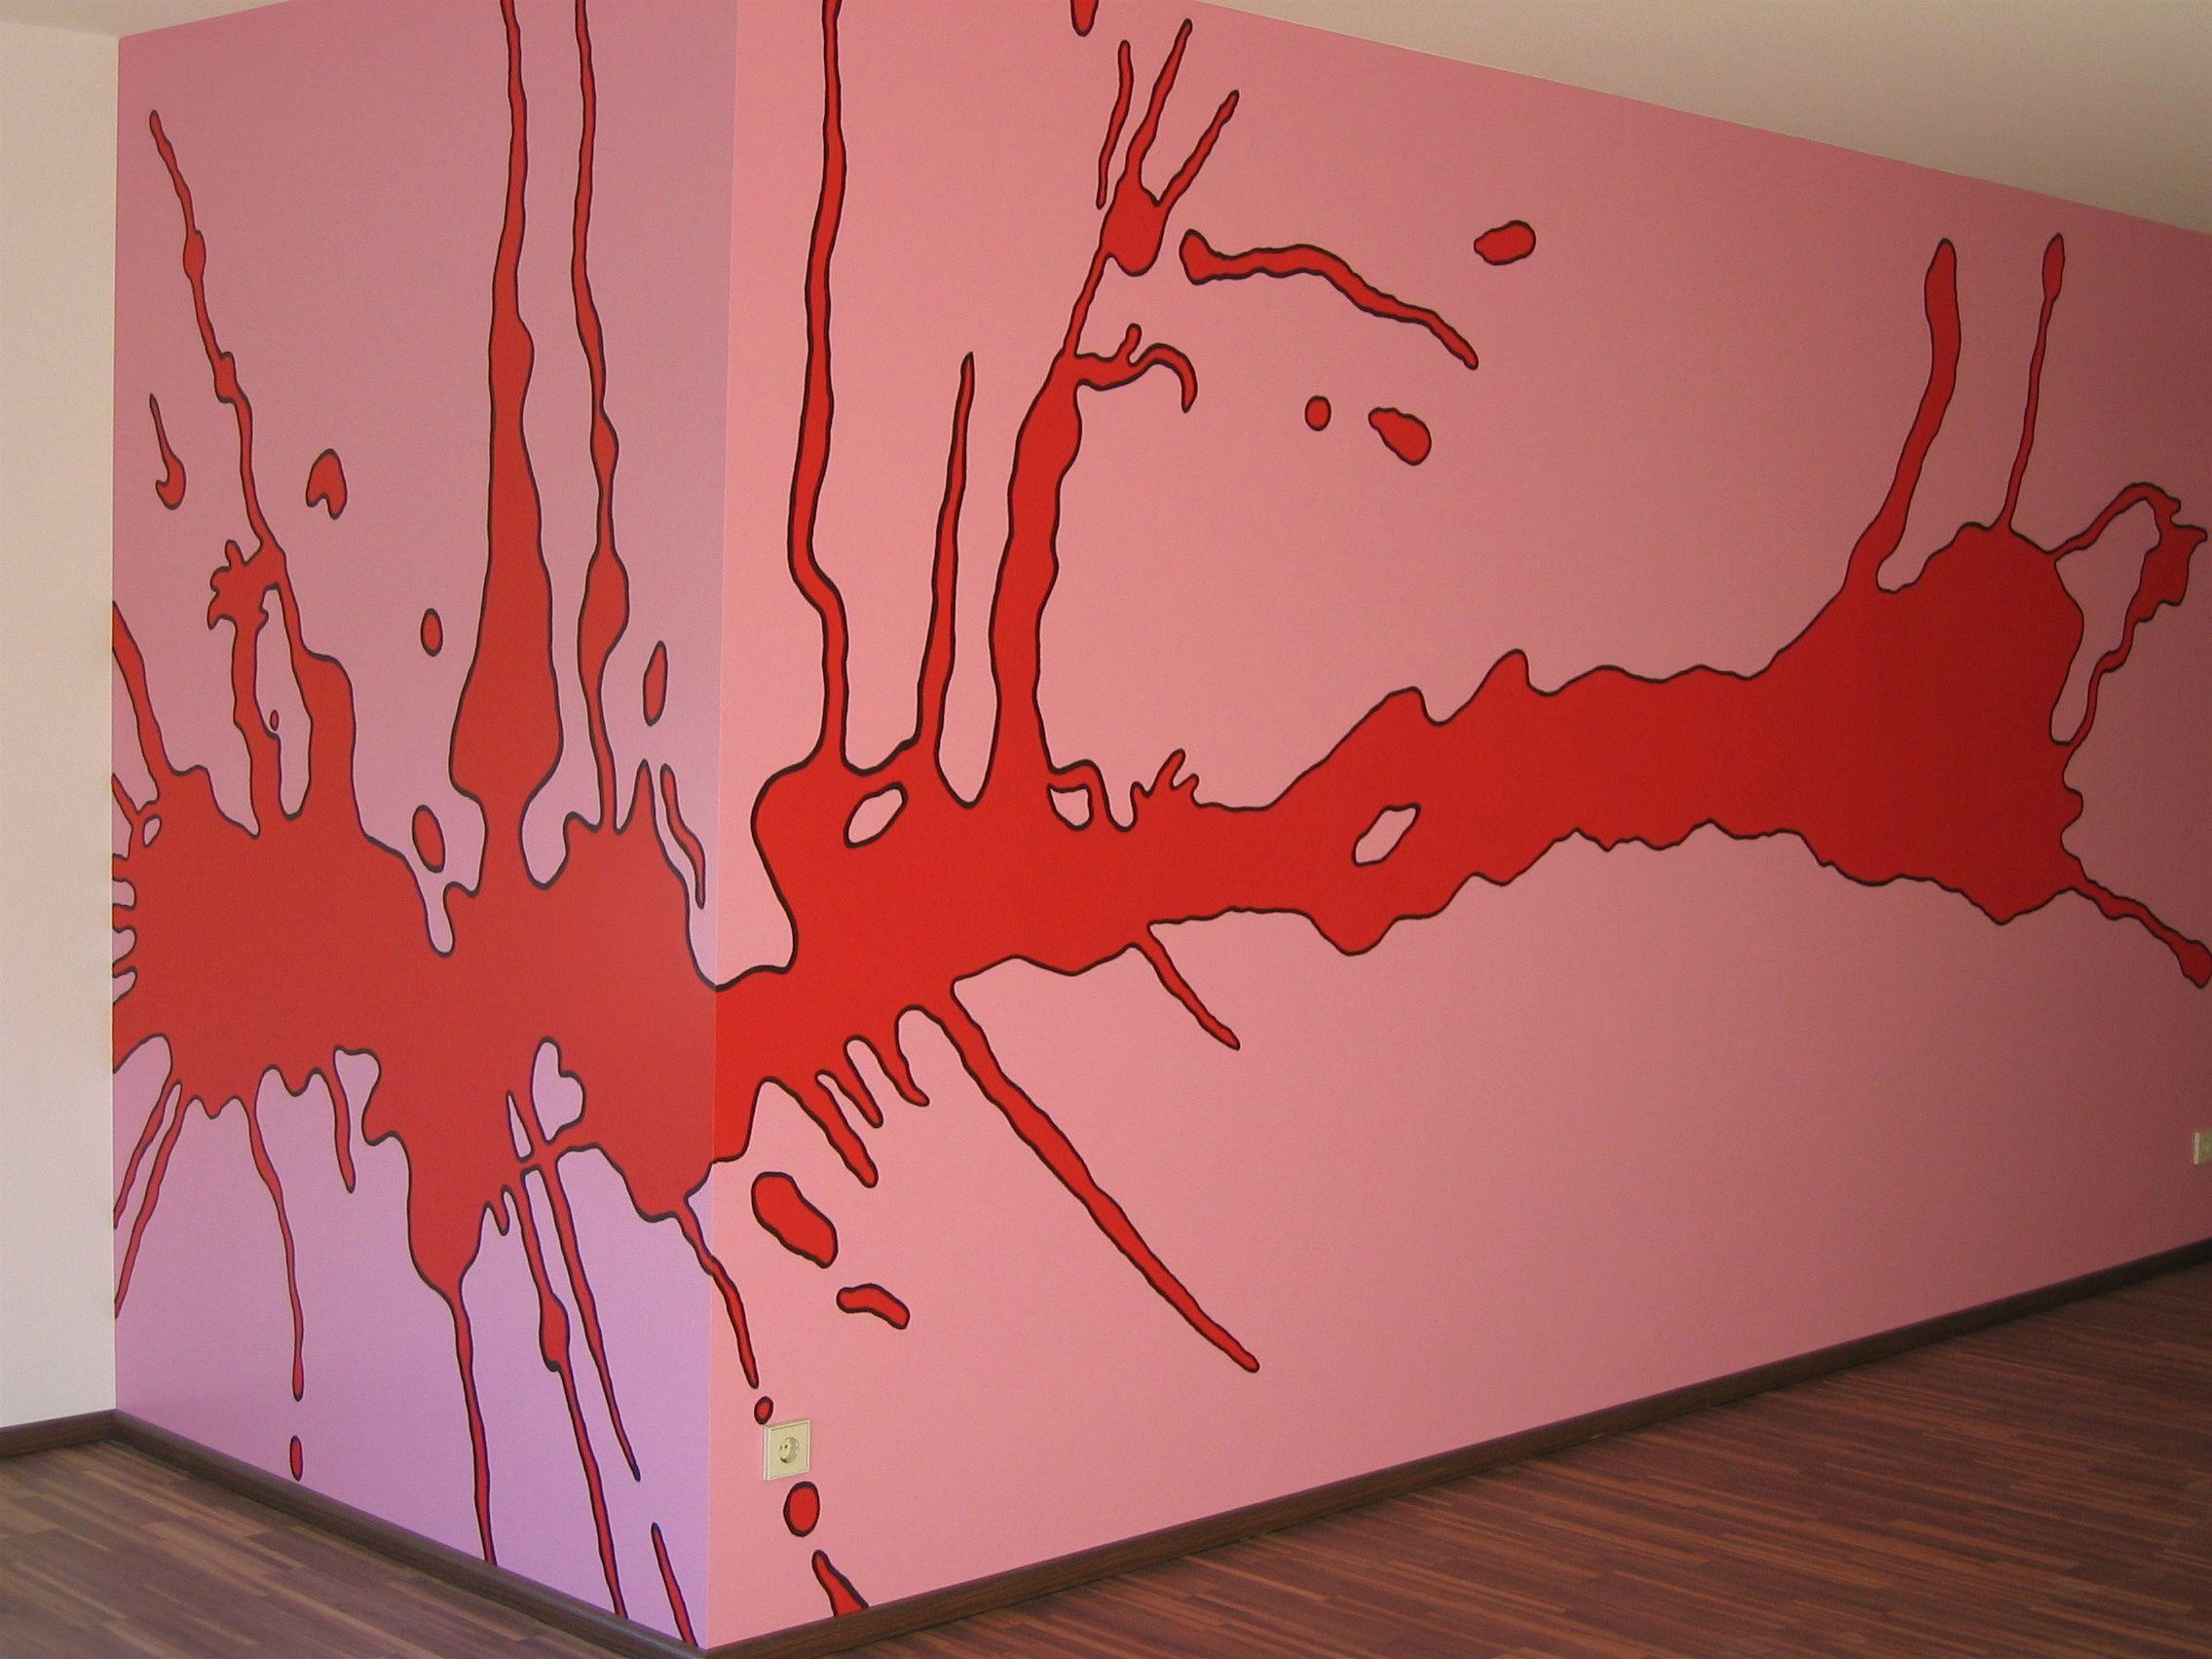 Ideen : Schönes Wandbemalung Kinderzimmer Demtigend Auf Dekoideen